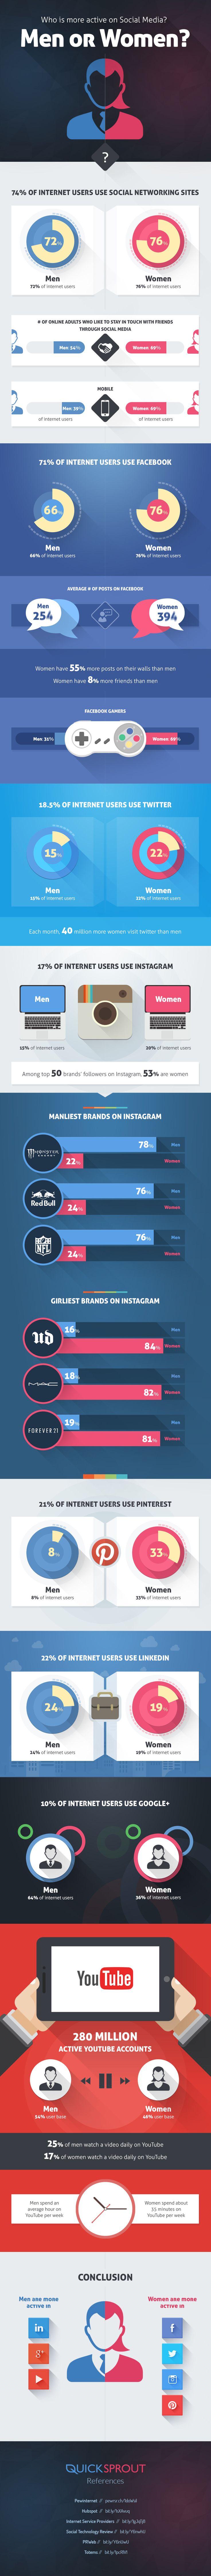 """SOCIAL MEDIA - """"Who Is More Active on Social Media? Men or Women? - #infographic #SocialMedia #Pinterest""""."""